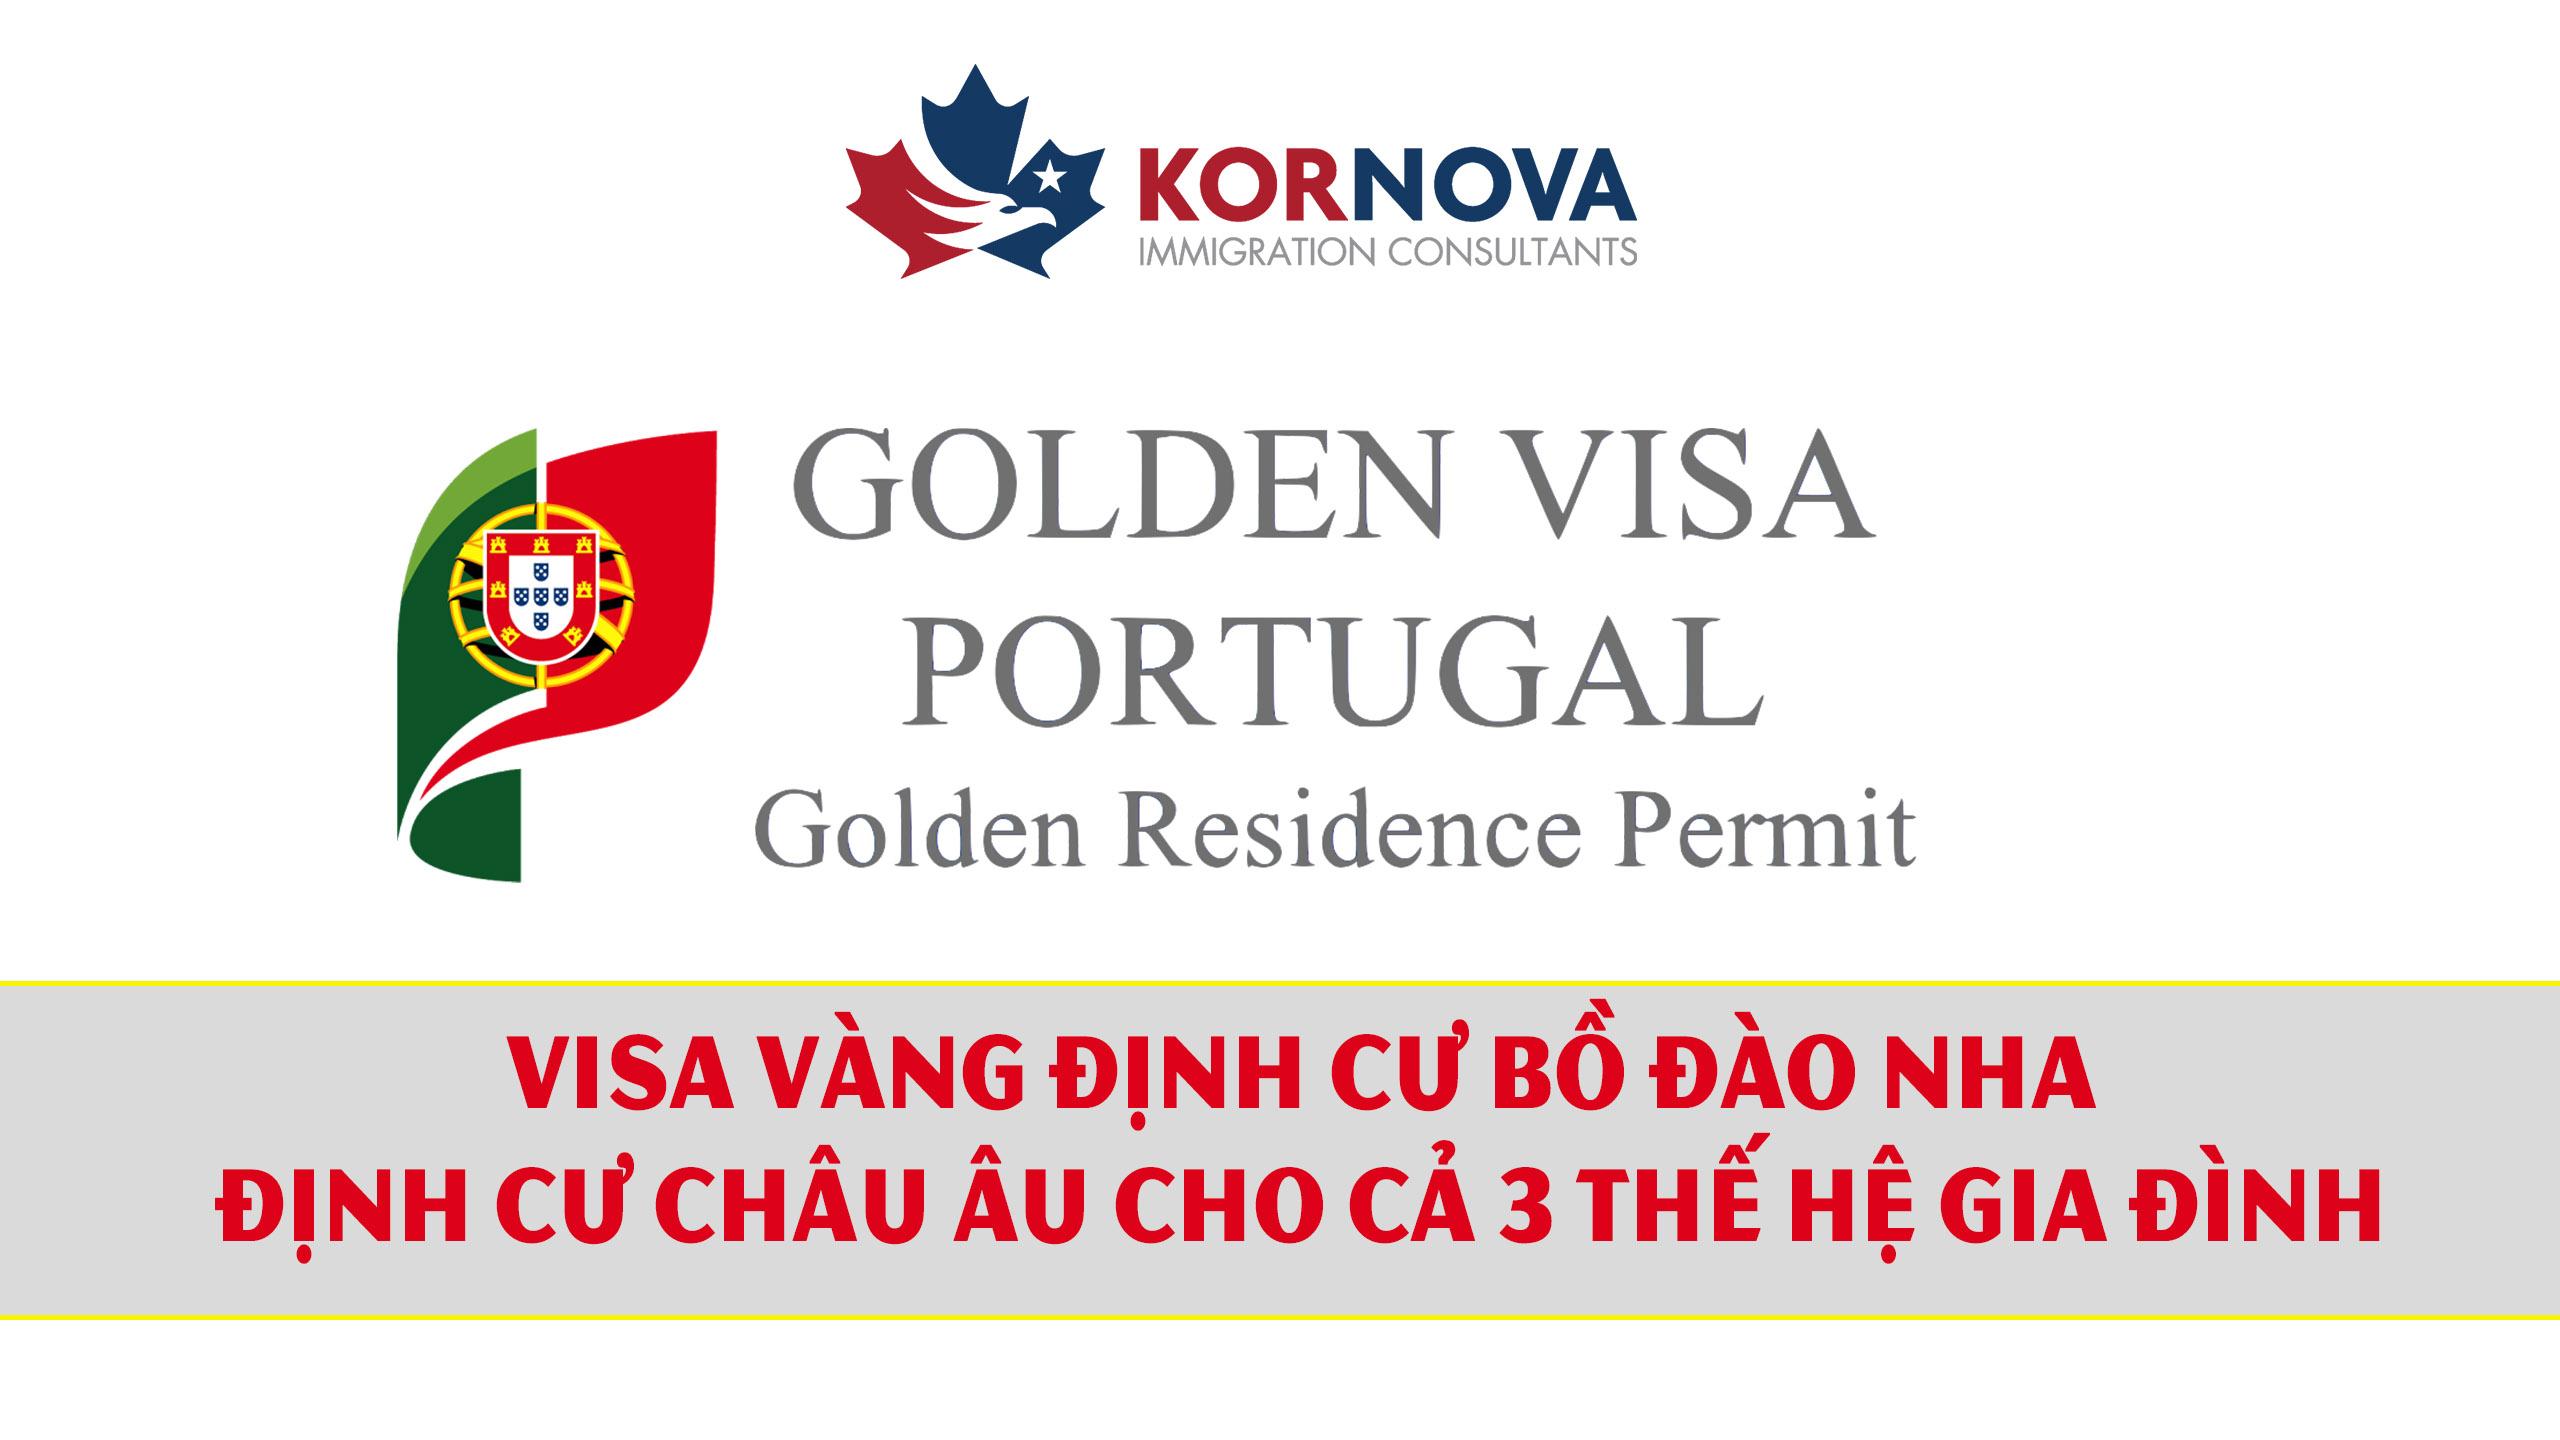 Chương Trình Định Cư Visa Vàng Bồ Đào Nha Sẽ Thay Đổi Từ Tháng 01/2021